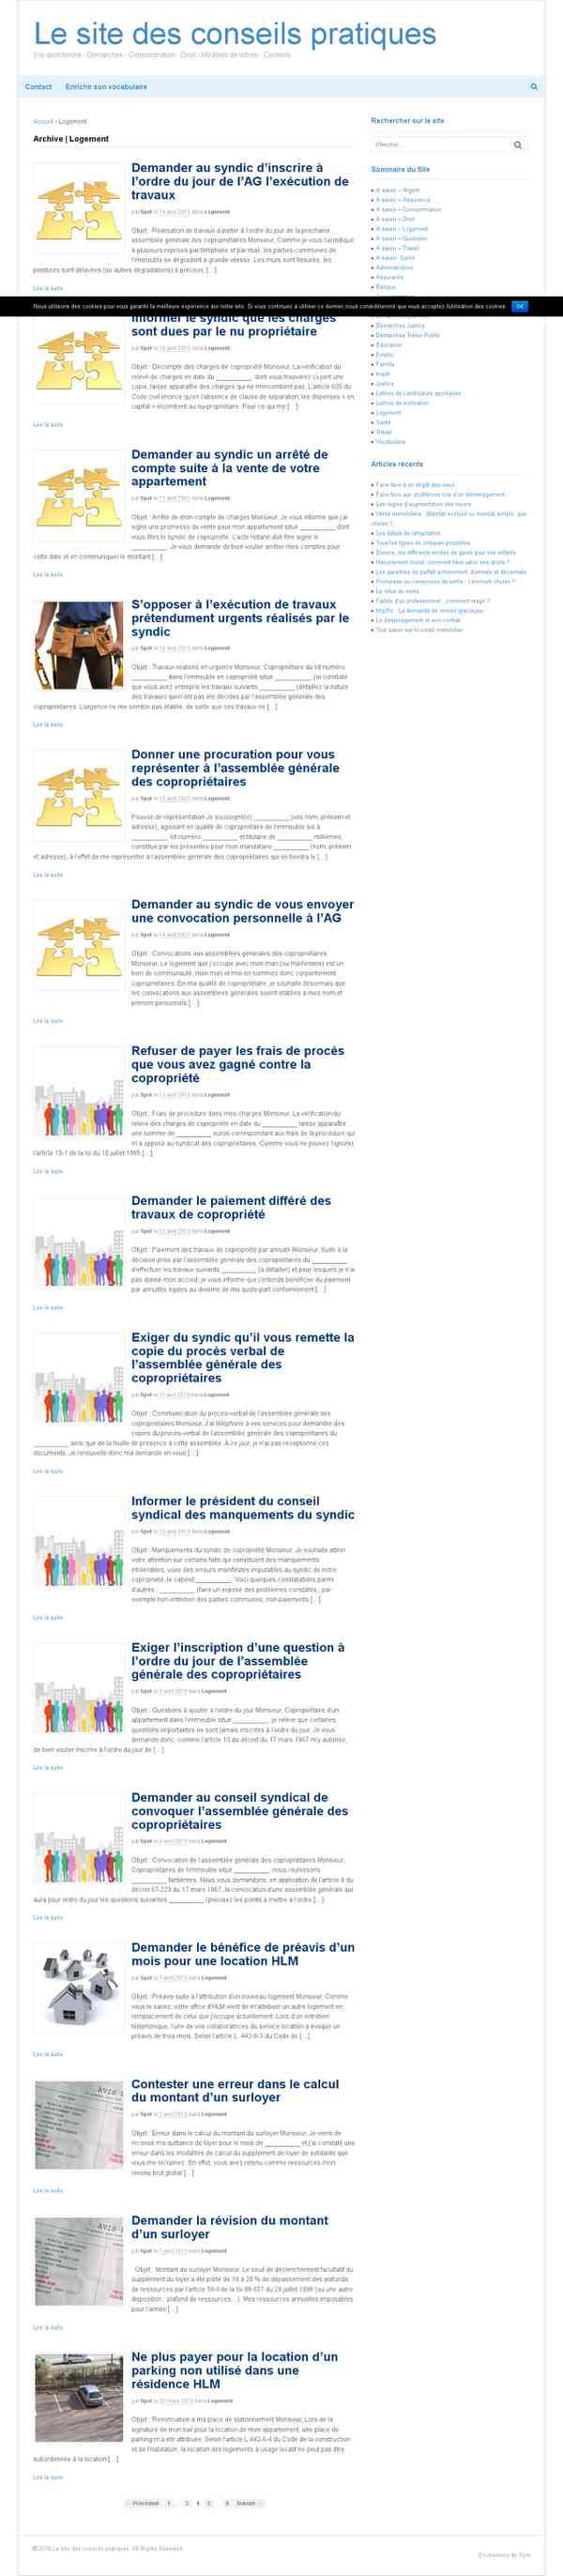 lettre-gratuite.fr/logement/page/4